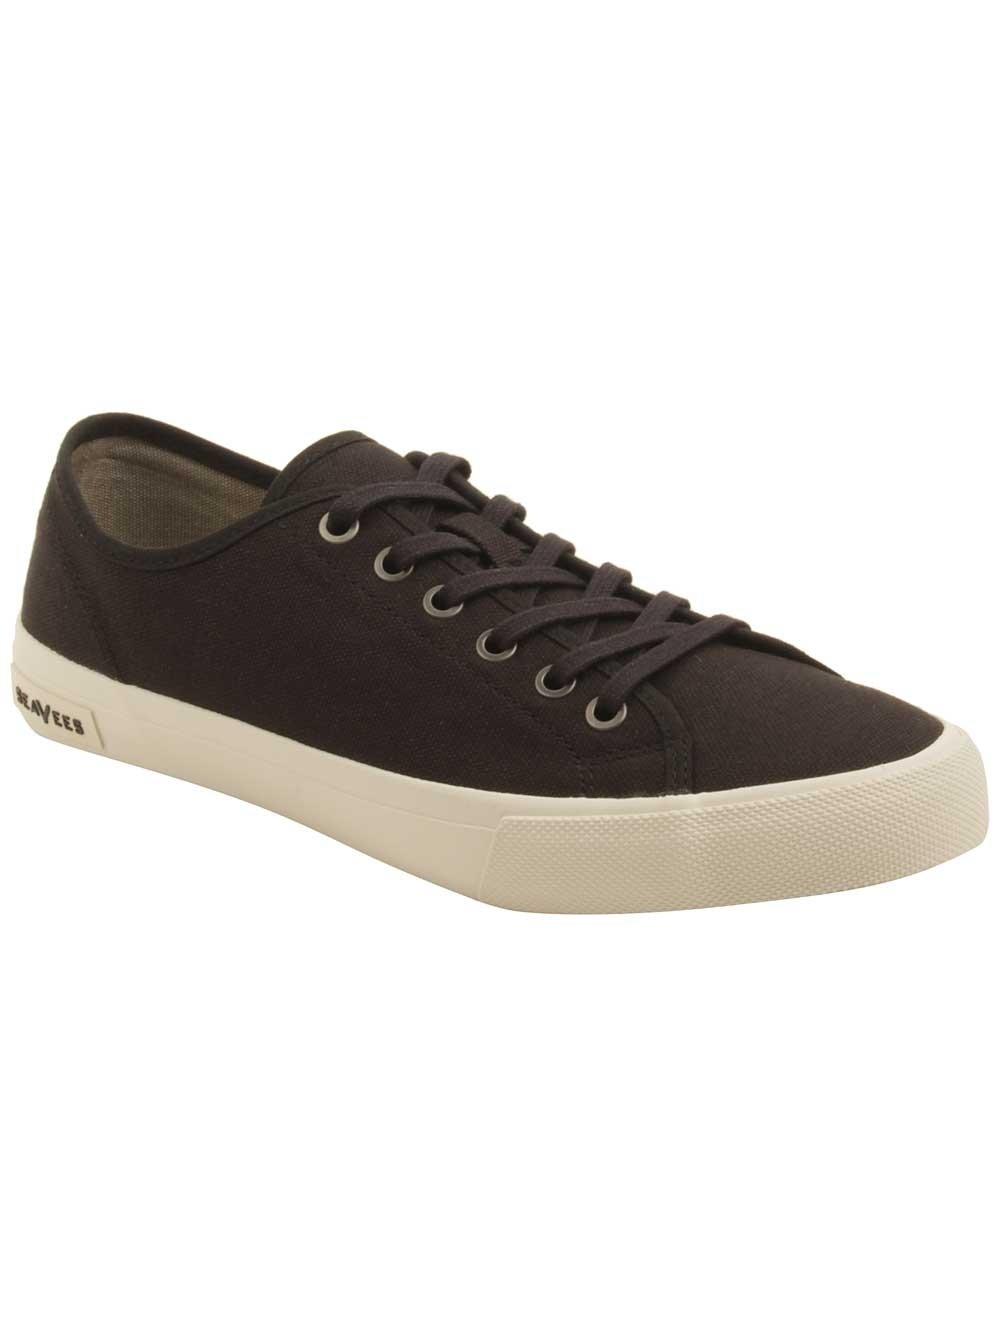 SeaVees B007BQYOOE Men's Monterey Standard Sneaker B007BQYOOE SeaVees 7.5 D(M) US|Black 6a8af6